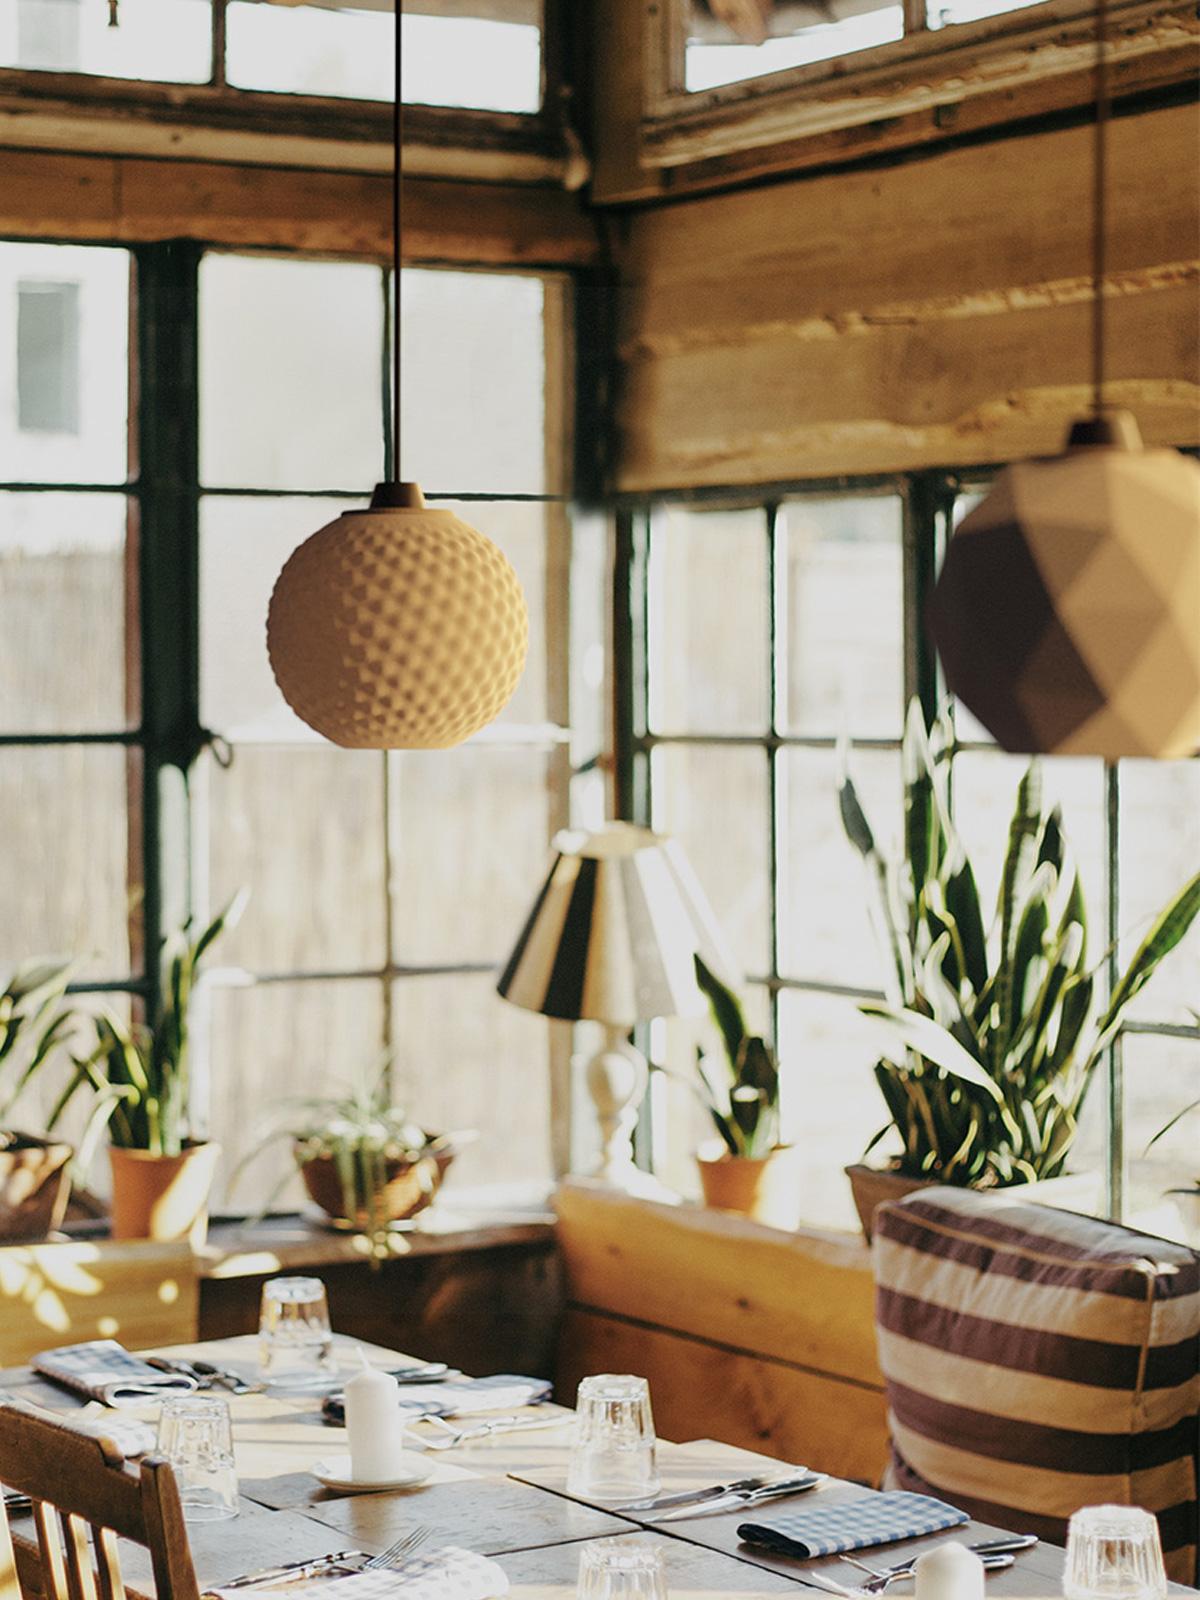 DesignOrt Blog: Polyluma Mono Bulp Leuchte 3 D Drucker DesignOrt Berlin Design nachhaltig